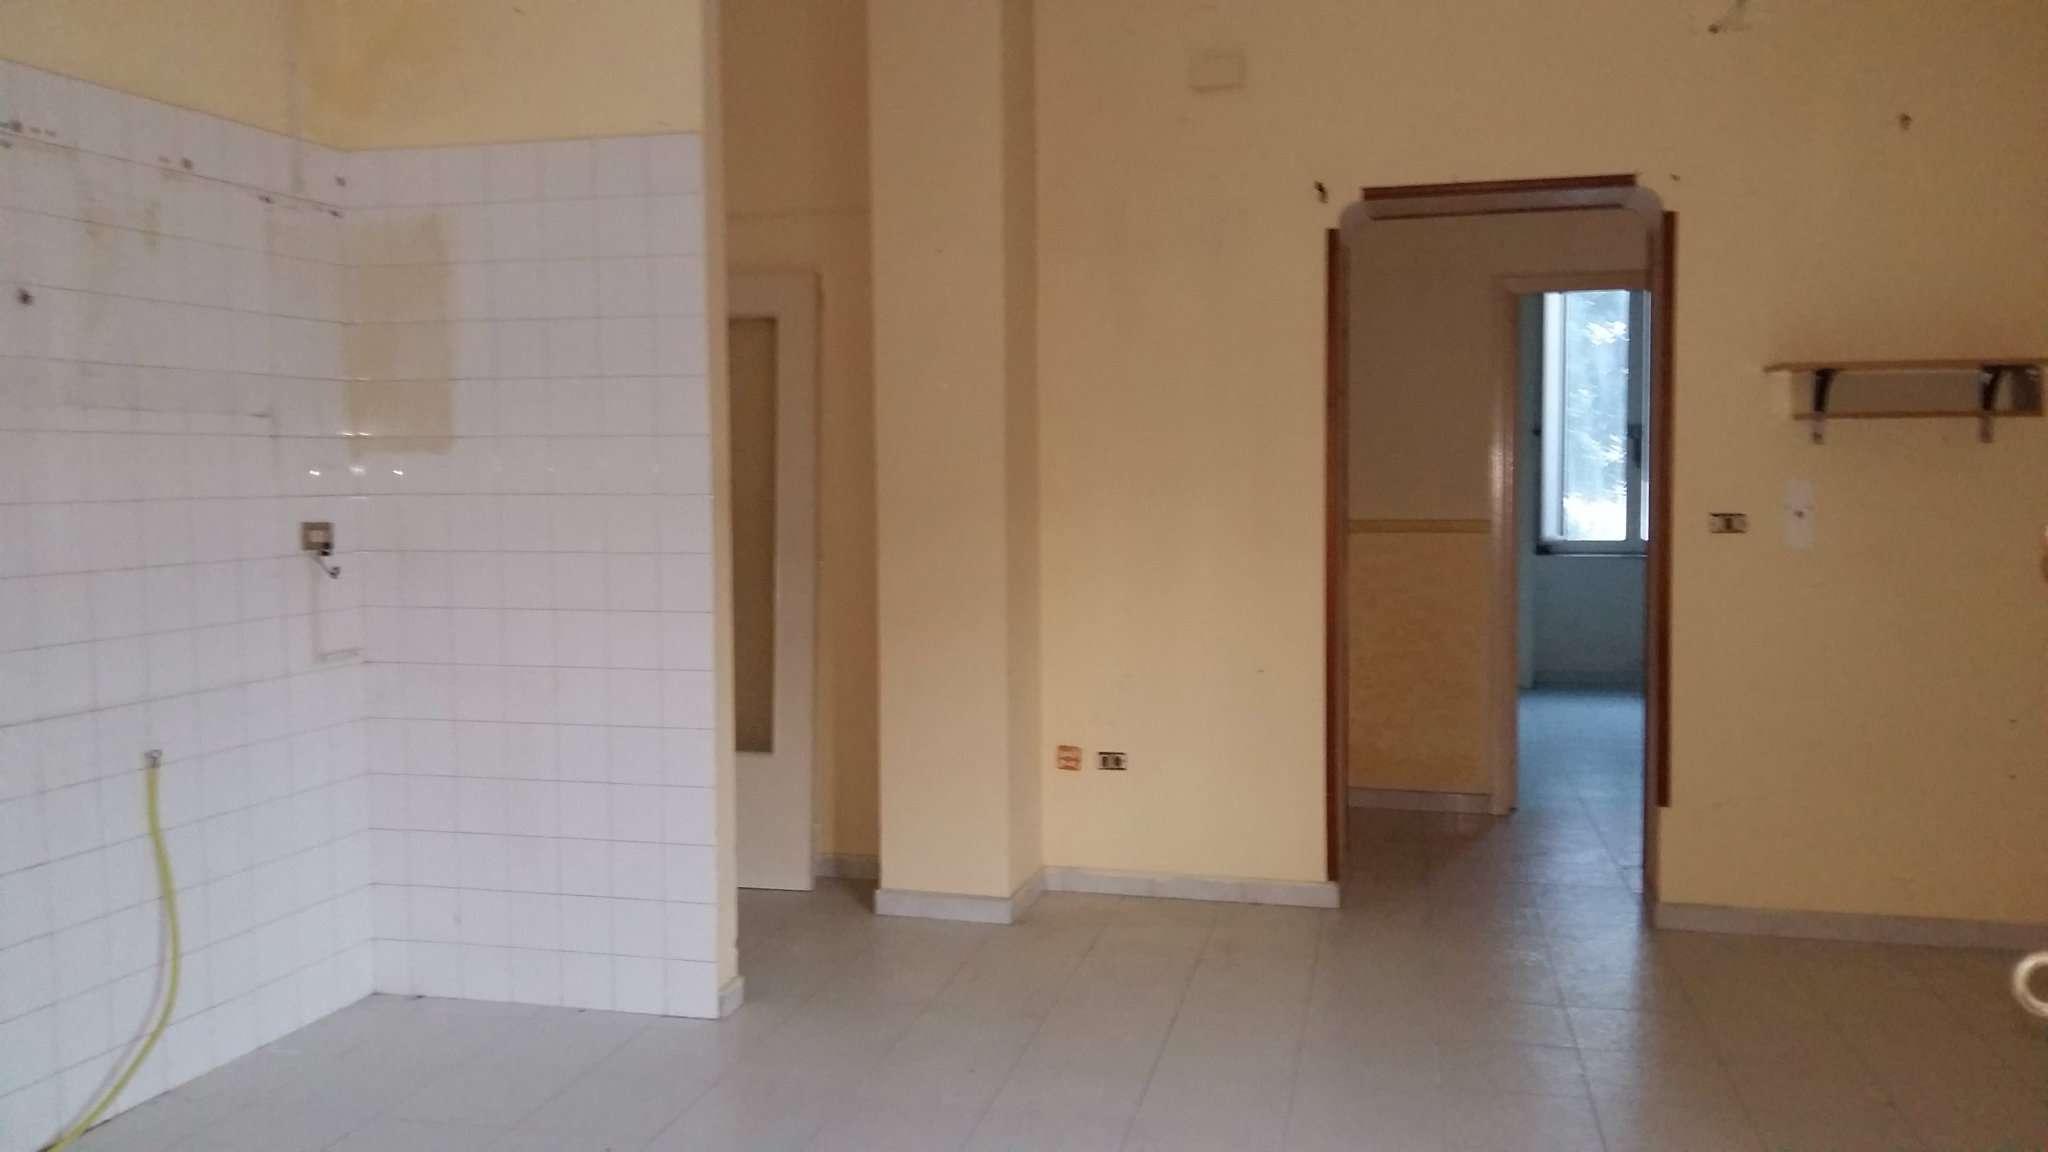 Appartamento in vendita a Scisciano, 3 locali, prezzo € 67.000 | CambioCasa.it